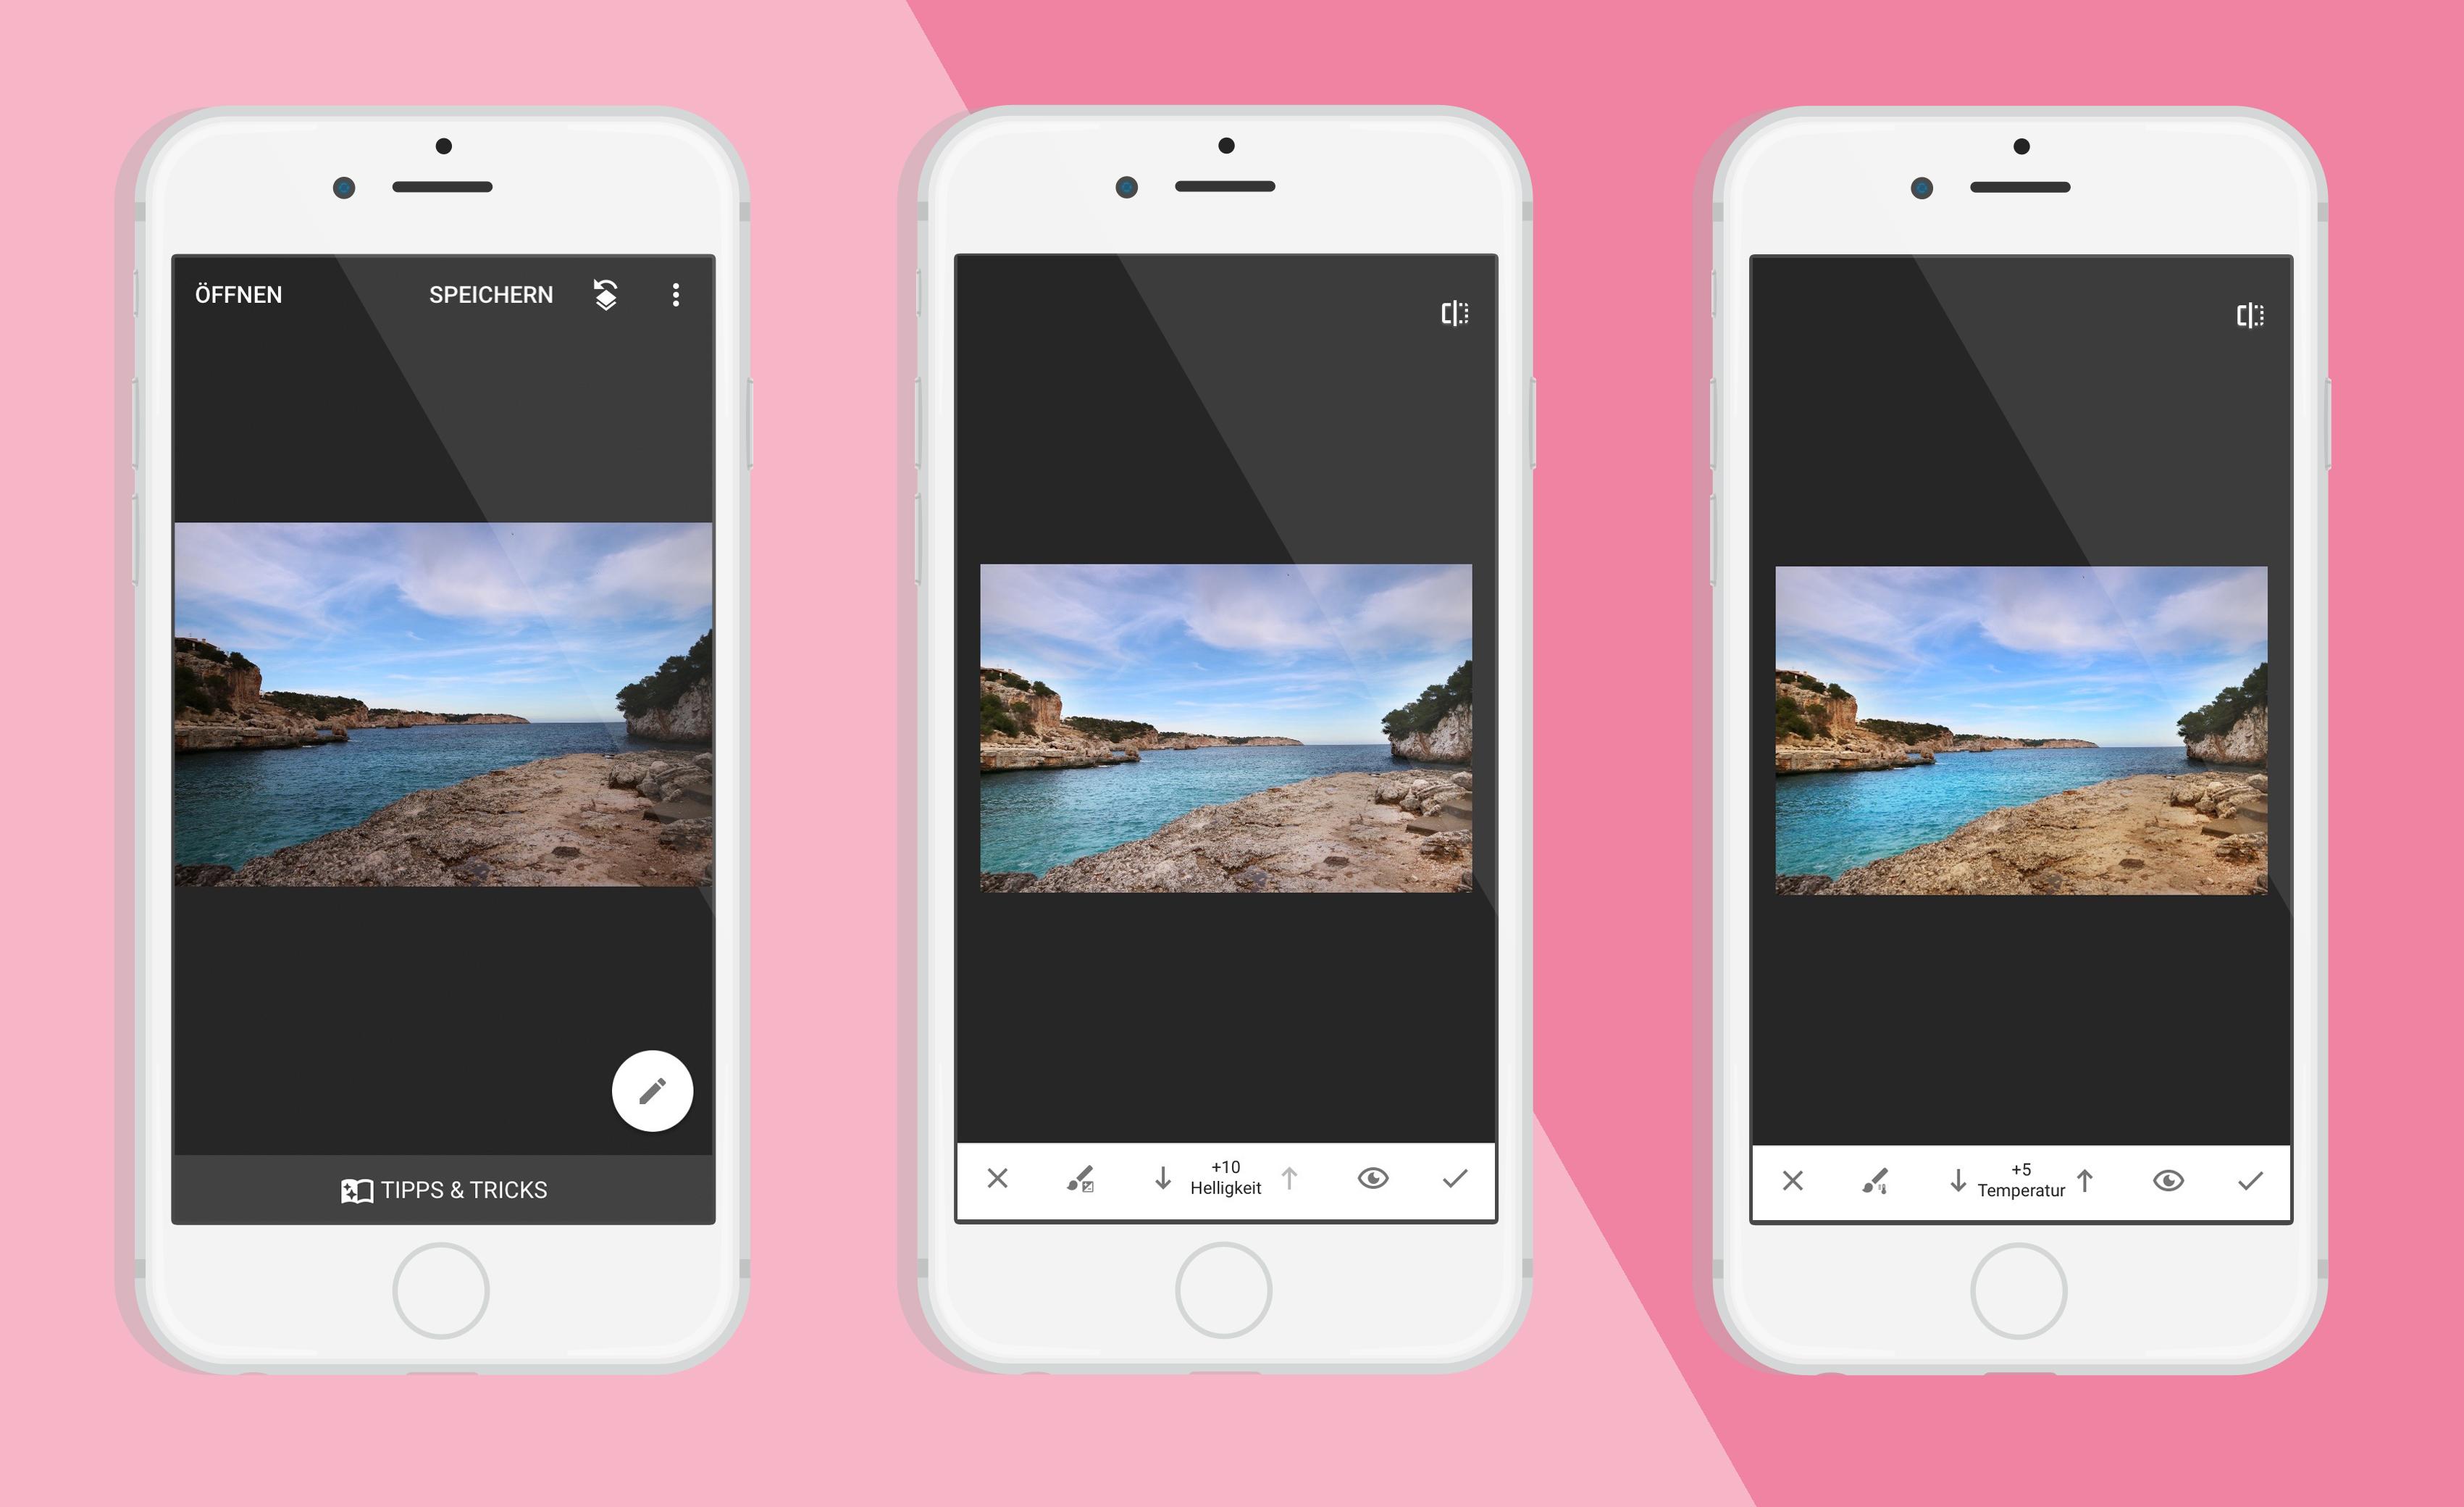 app-bilder-gezielt-teilweise-aufhellen-bearbeiten